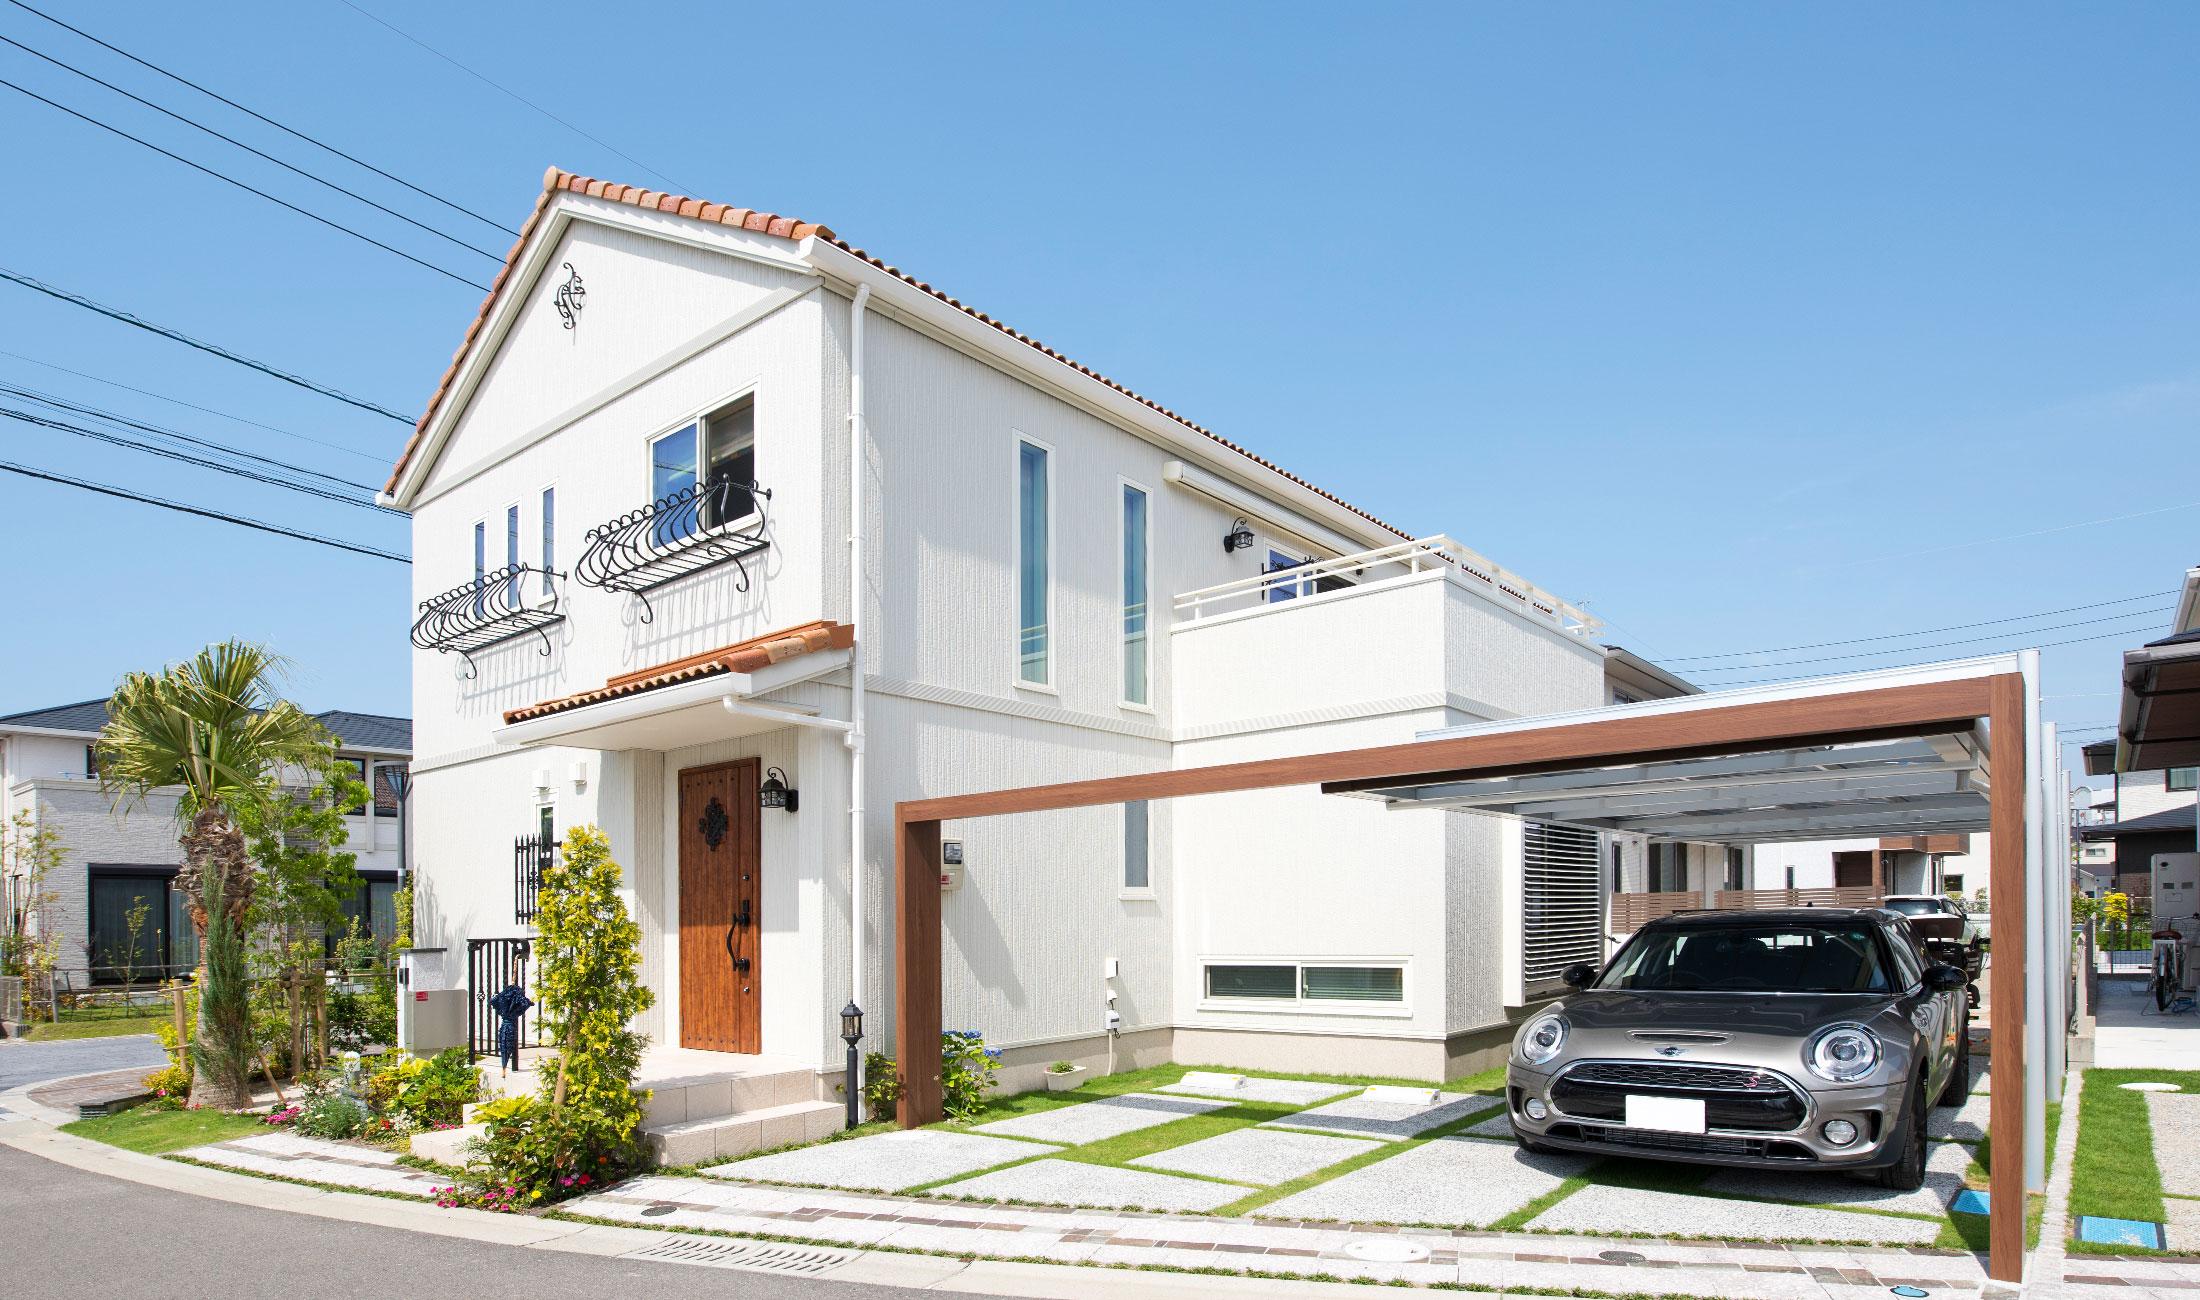 アウトドアが楽しめる家 福岡のエクステリア 外構 ガーデン工事専門 カエデスタイル